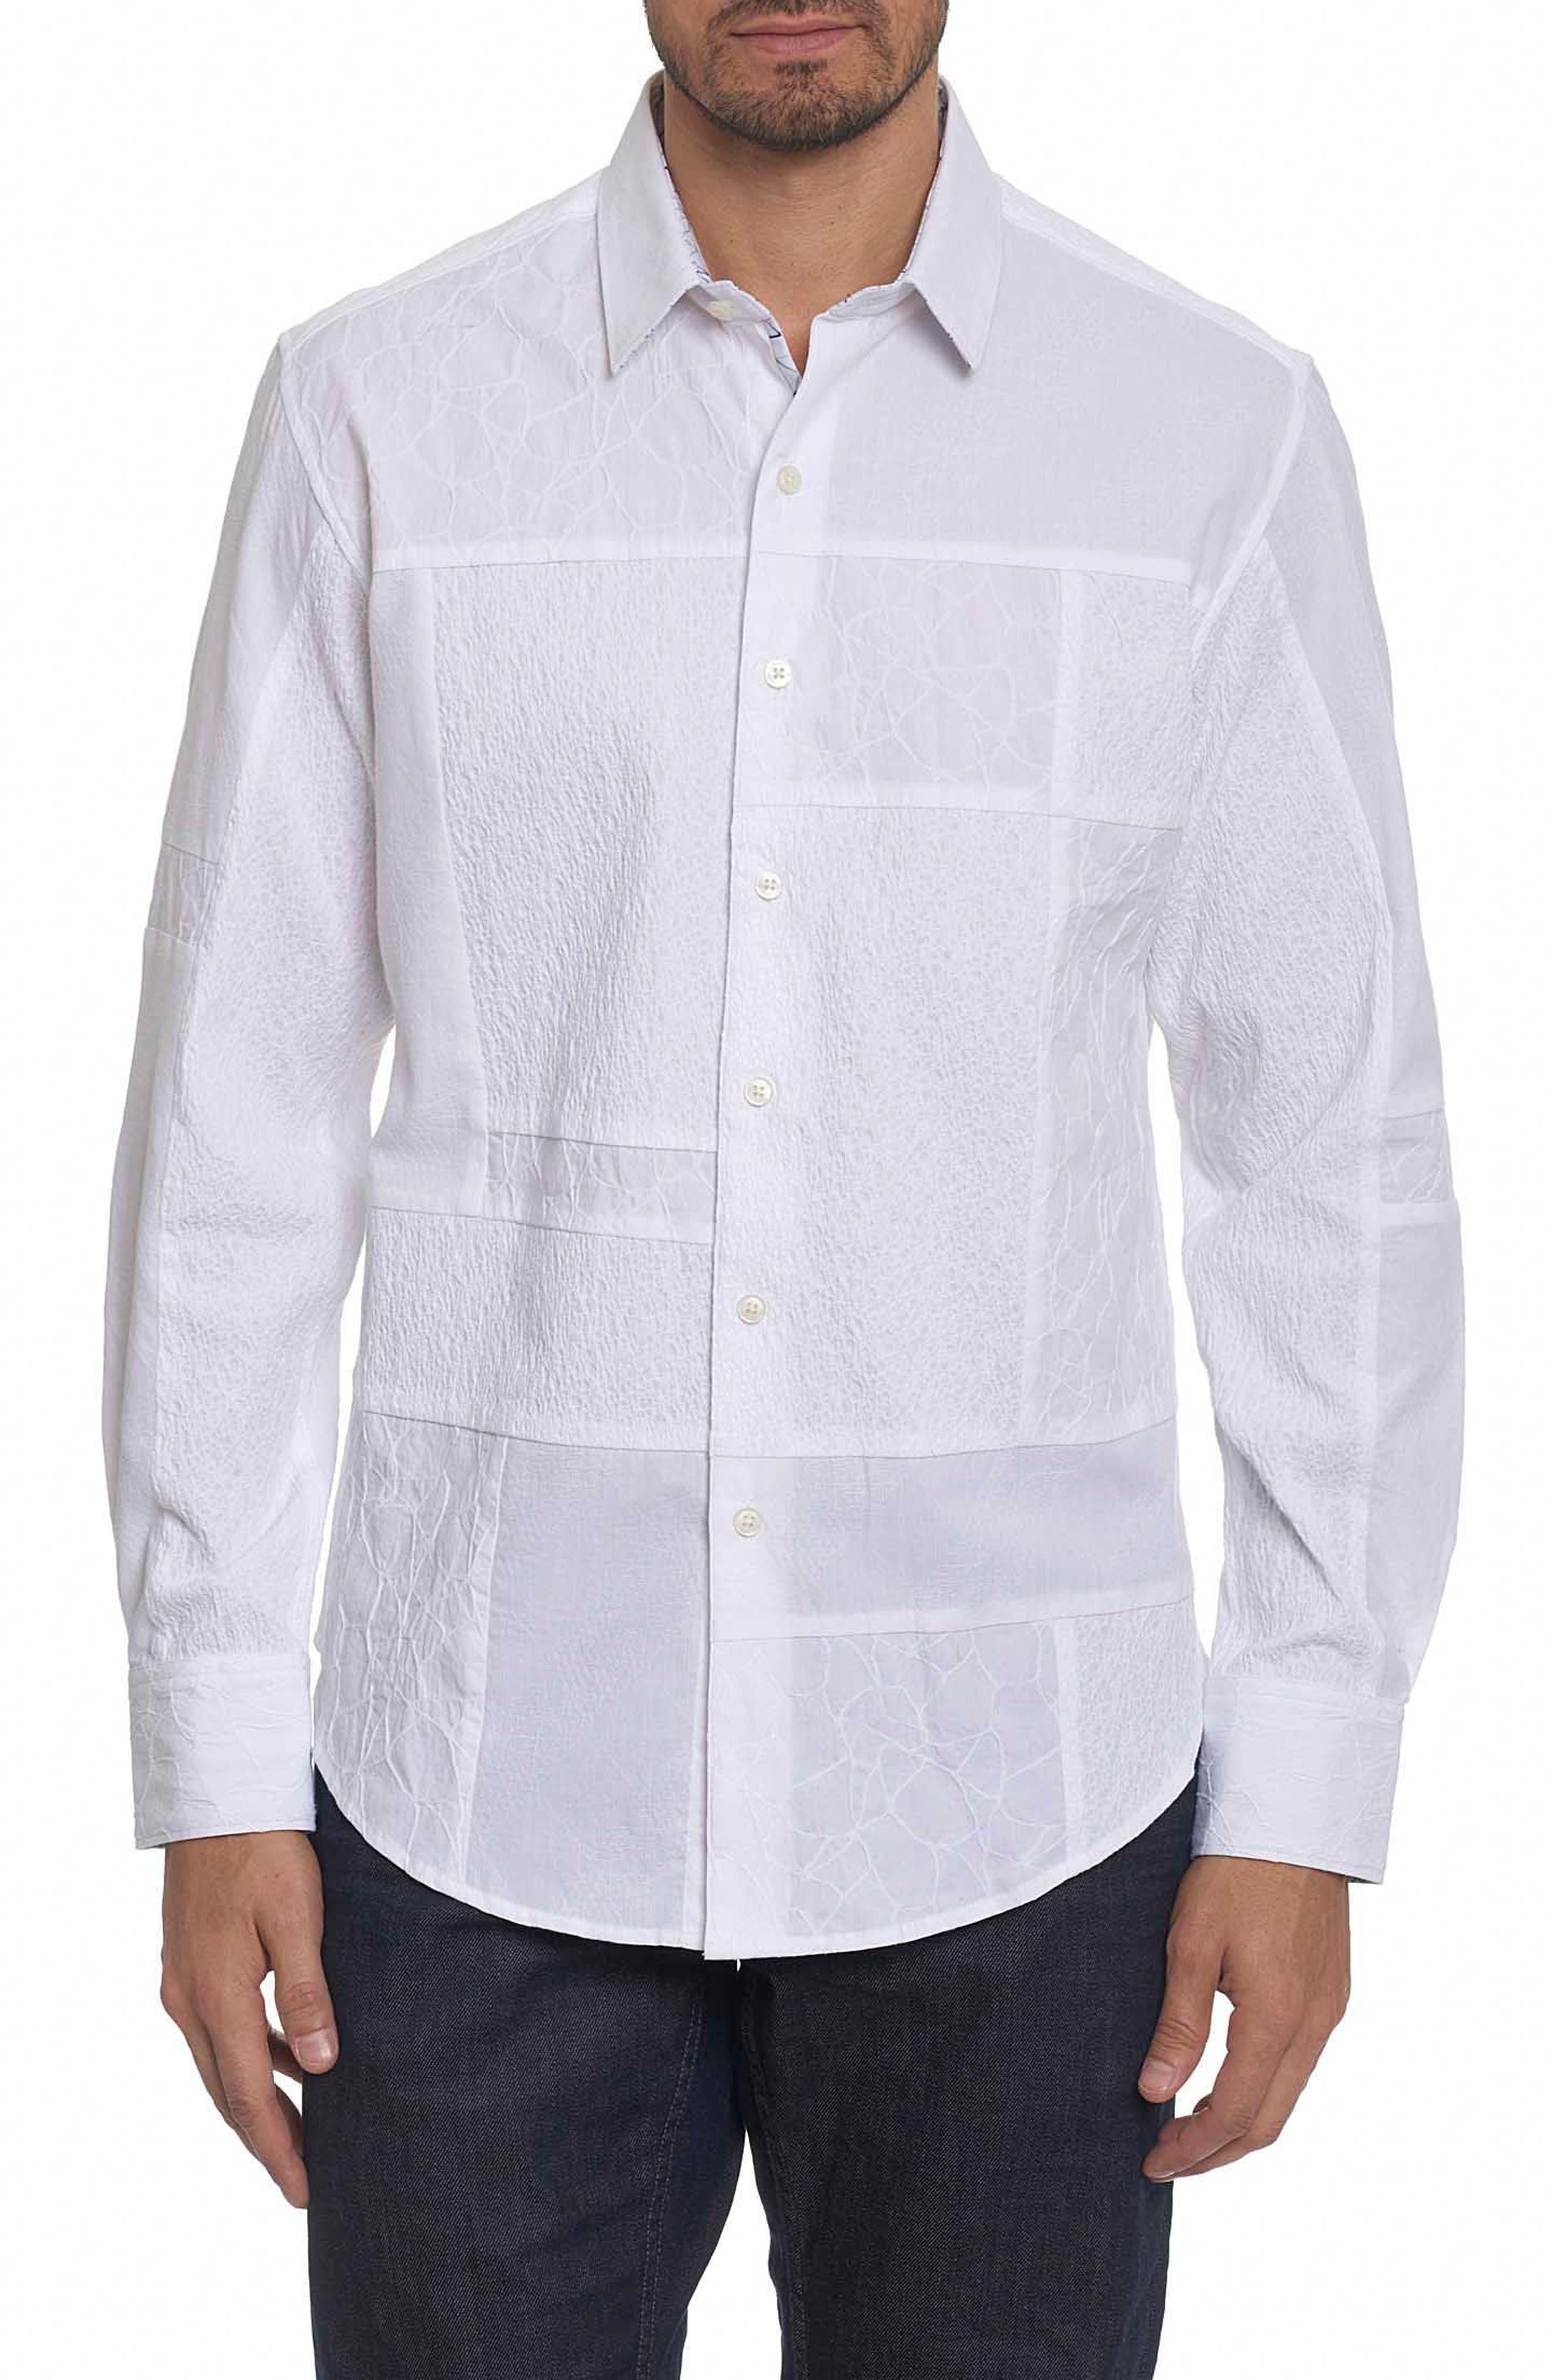 Duke Classic Fit Sport Shirt,                             Main thumbnail 1, color,                             White